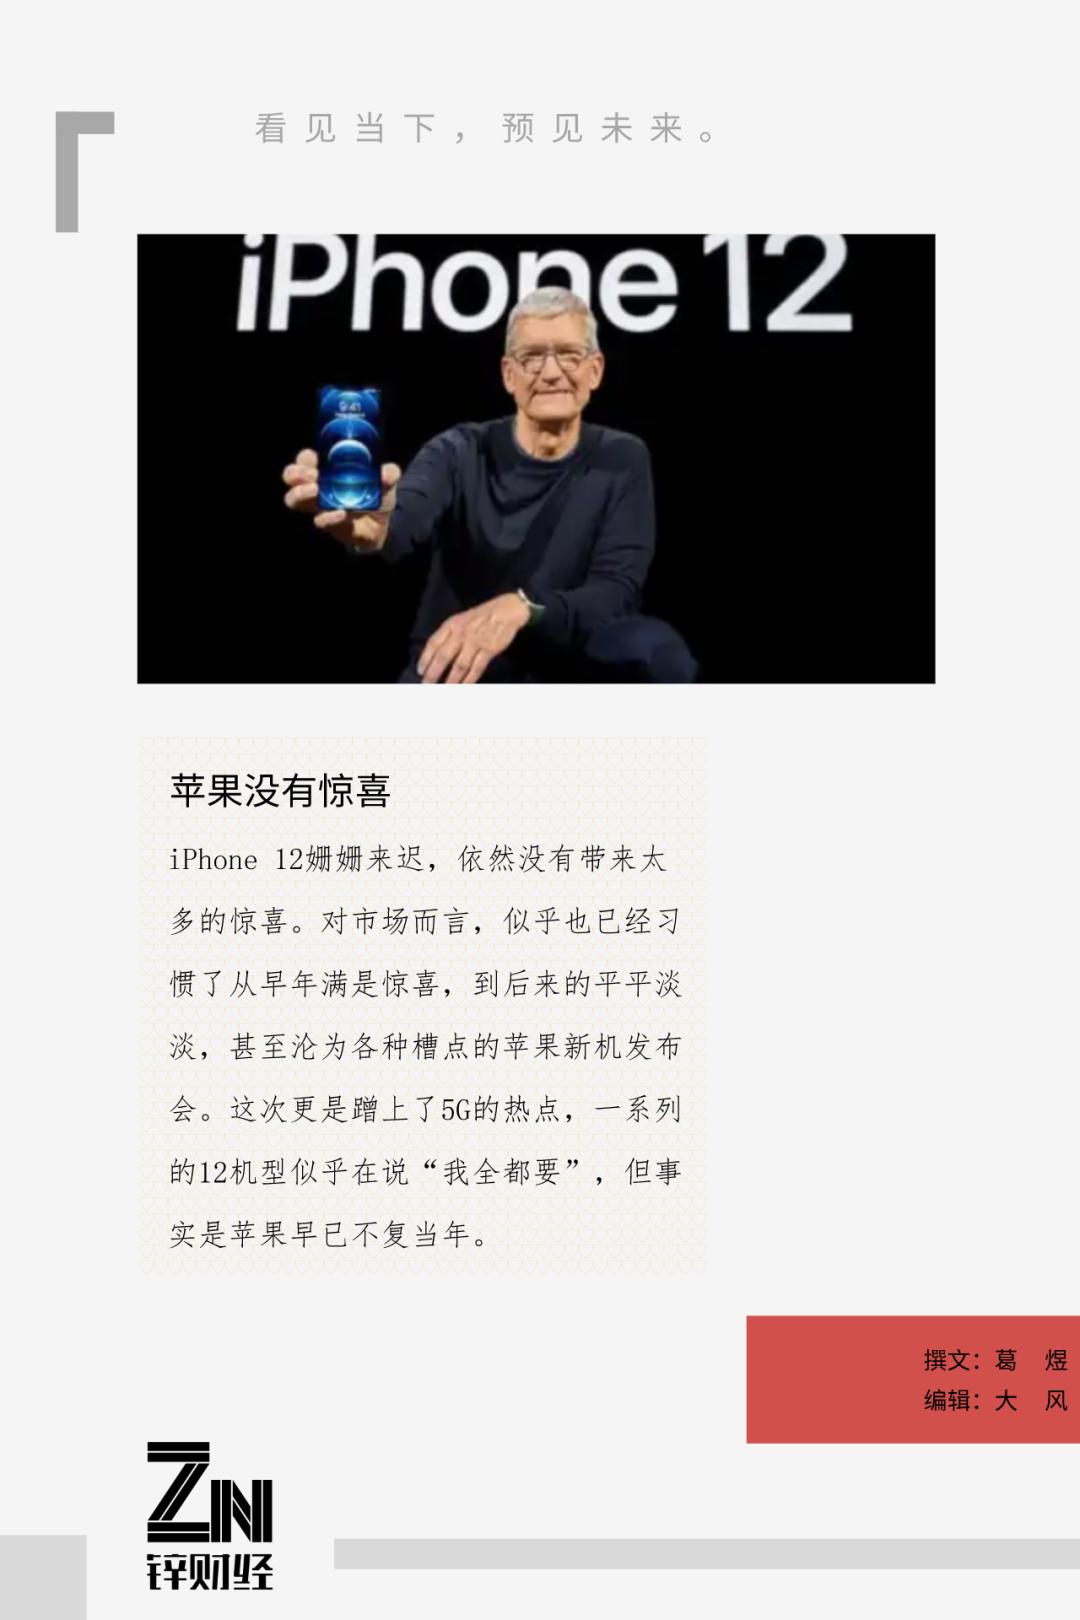 """iPhone 12确实""""二"""",但""""十三""""也不会香"""